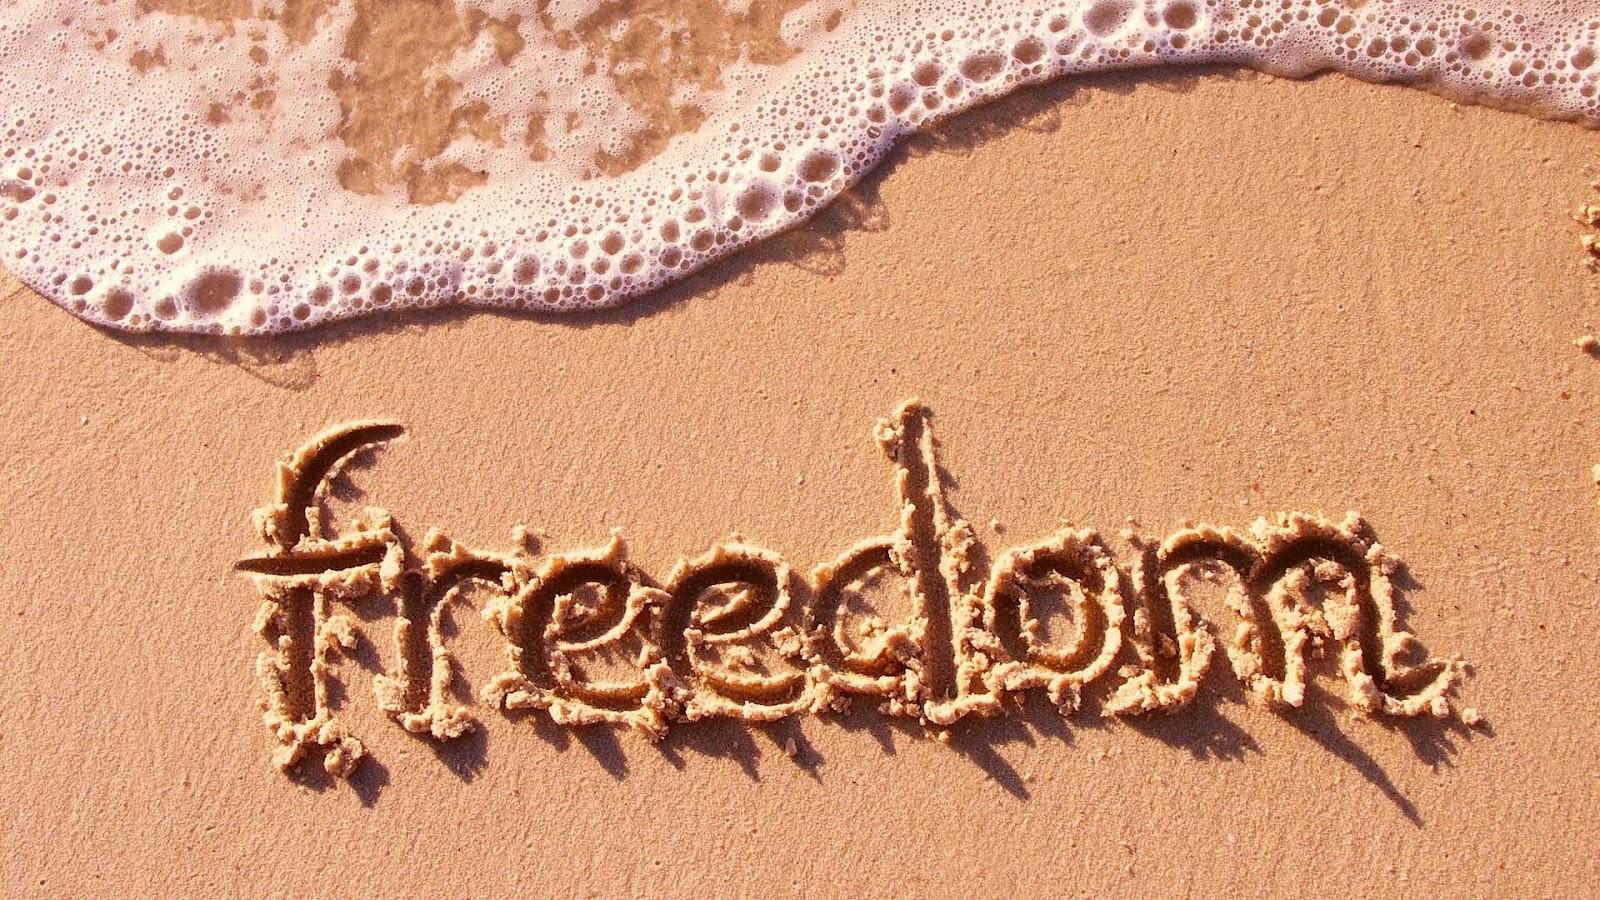 Zee en strand wallpaper met de tekst freedom in het zand geschreven 1600x900